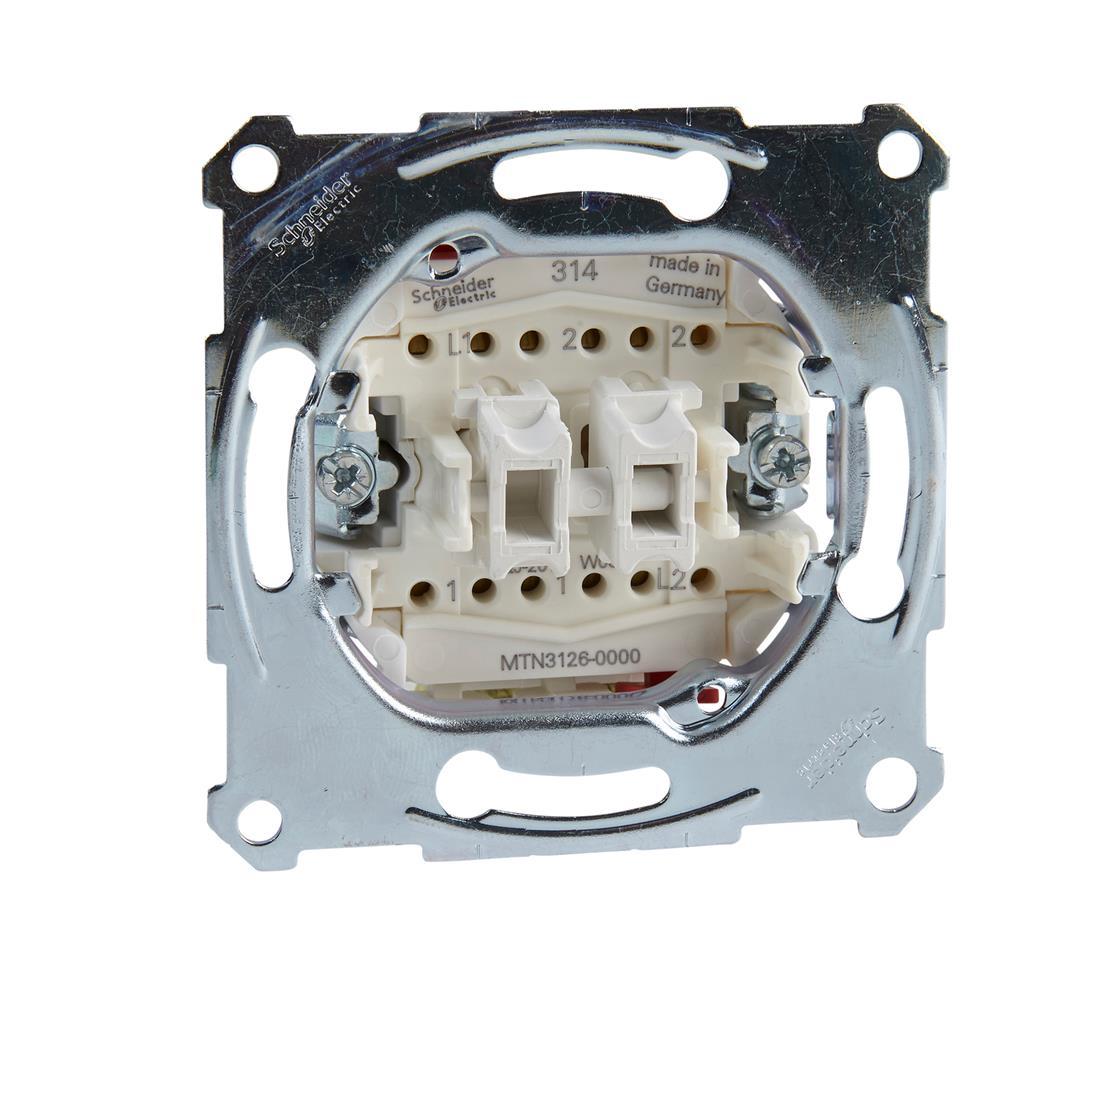 Schneider-Merten dubbele wisselschakelaarsokkel, 1-polig 10AX, AC 250 V met insteekklemmen (MTN3126-0000)